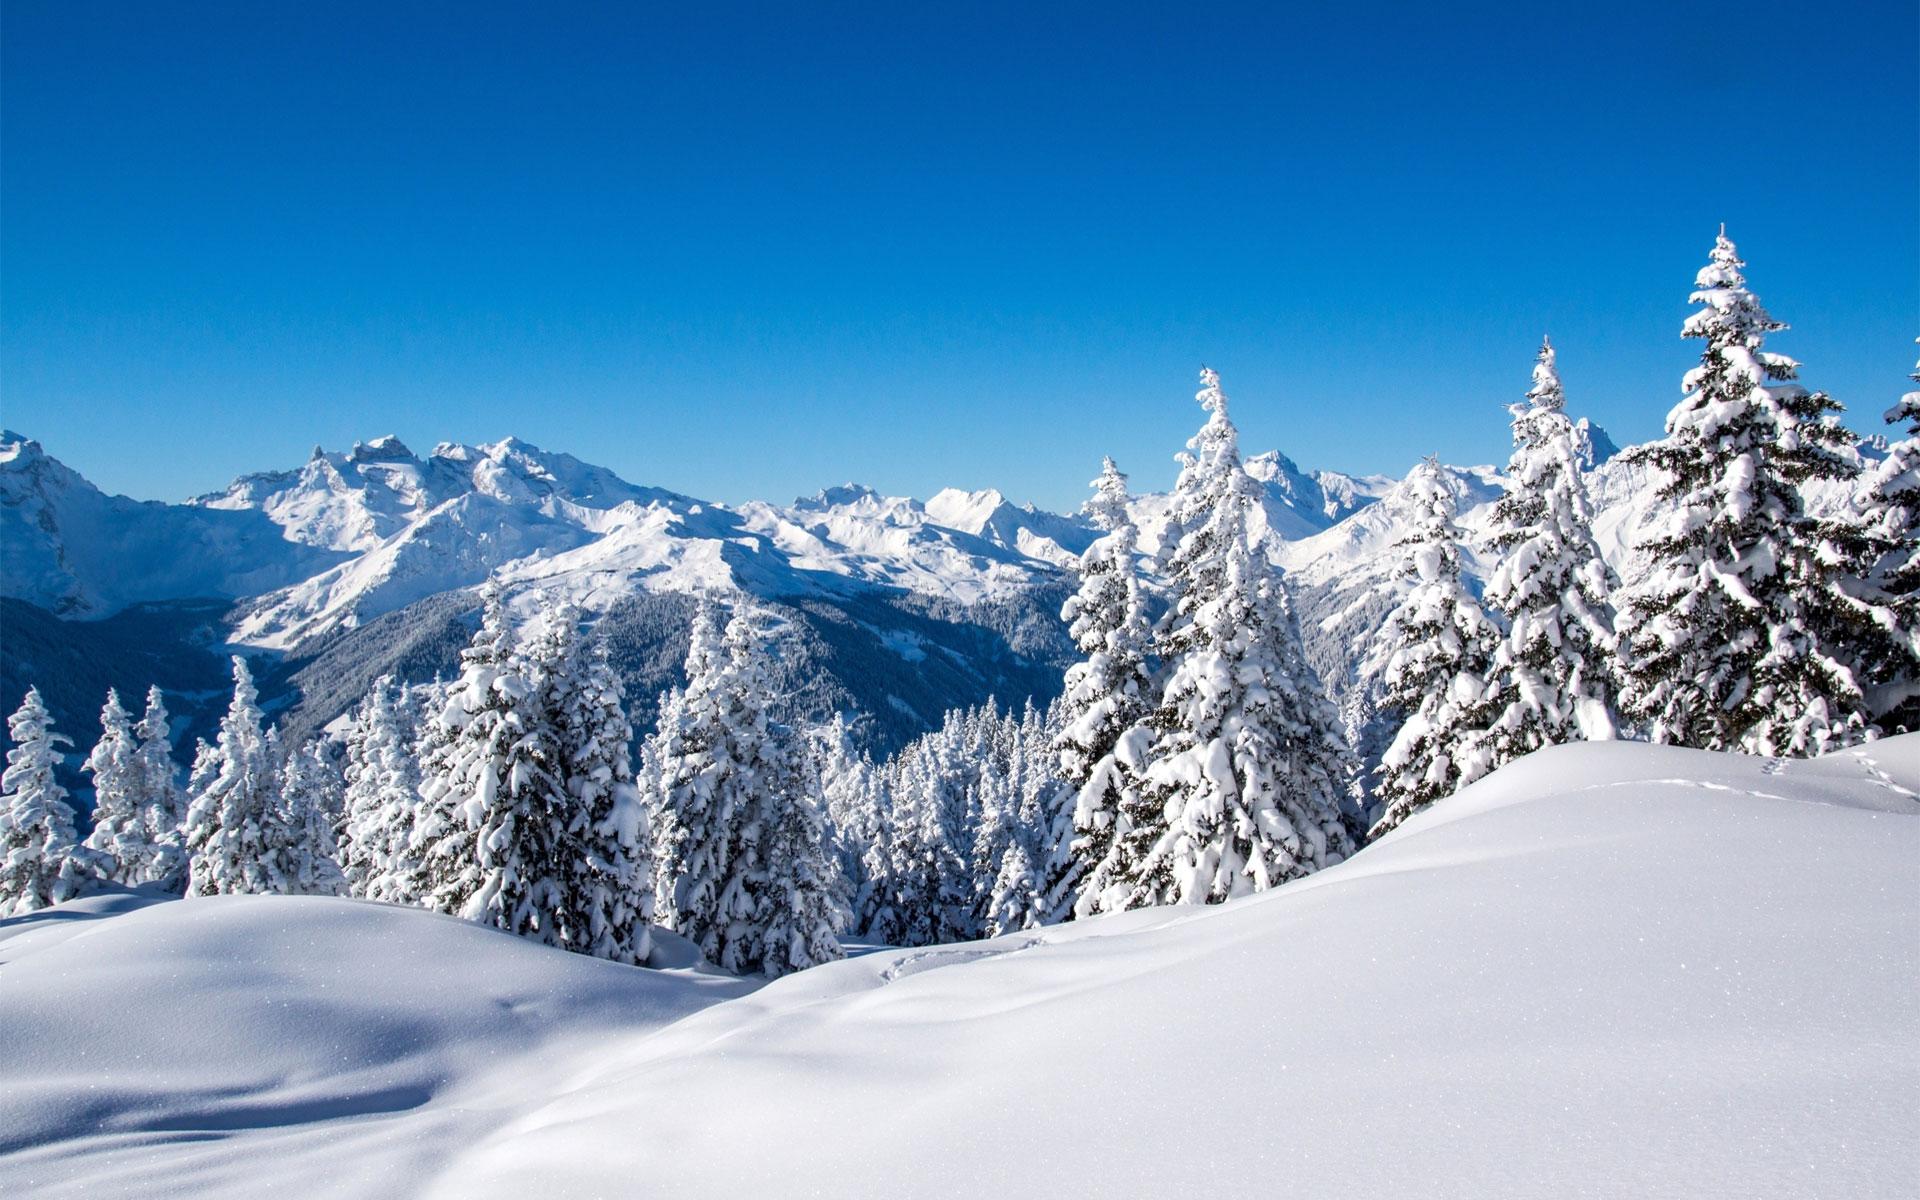 Fond ecran hivers for Fond ecran hiver hd